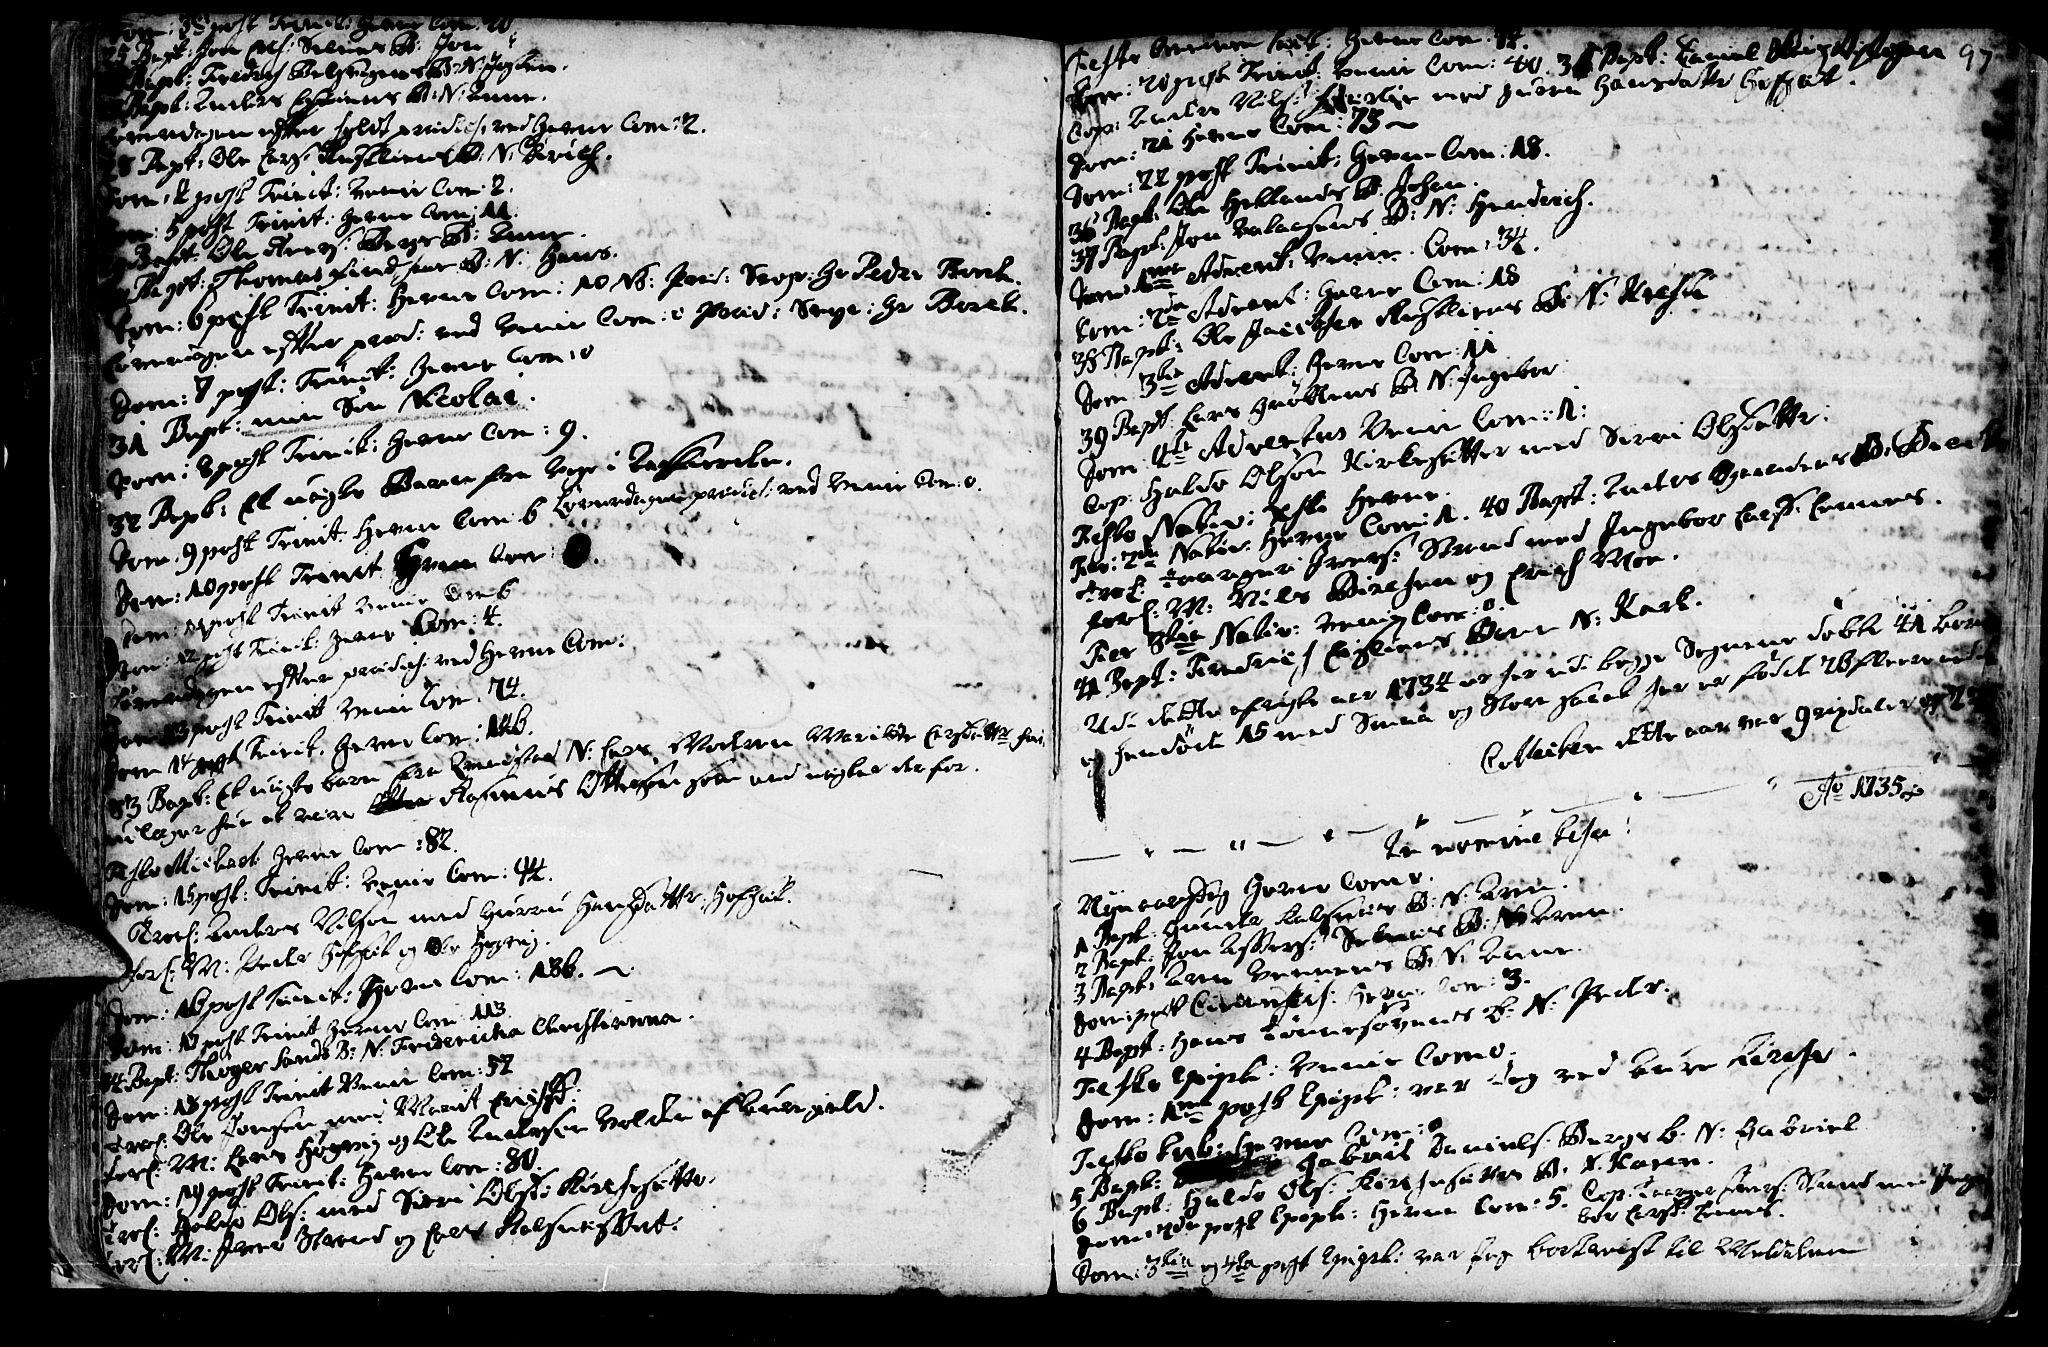 SAT, Ministerialprotokoller, klokkerbøker og fødselsregistre - Sør-Trøndelag, 630/L0488: Ministerialbok nr. 630A01, 1717-1756, s. 96-97